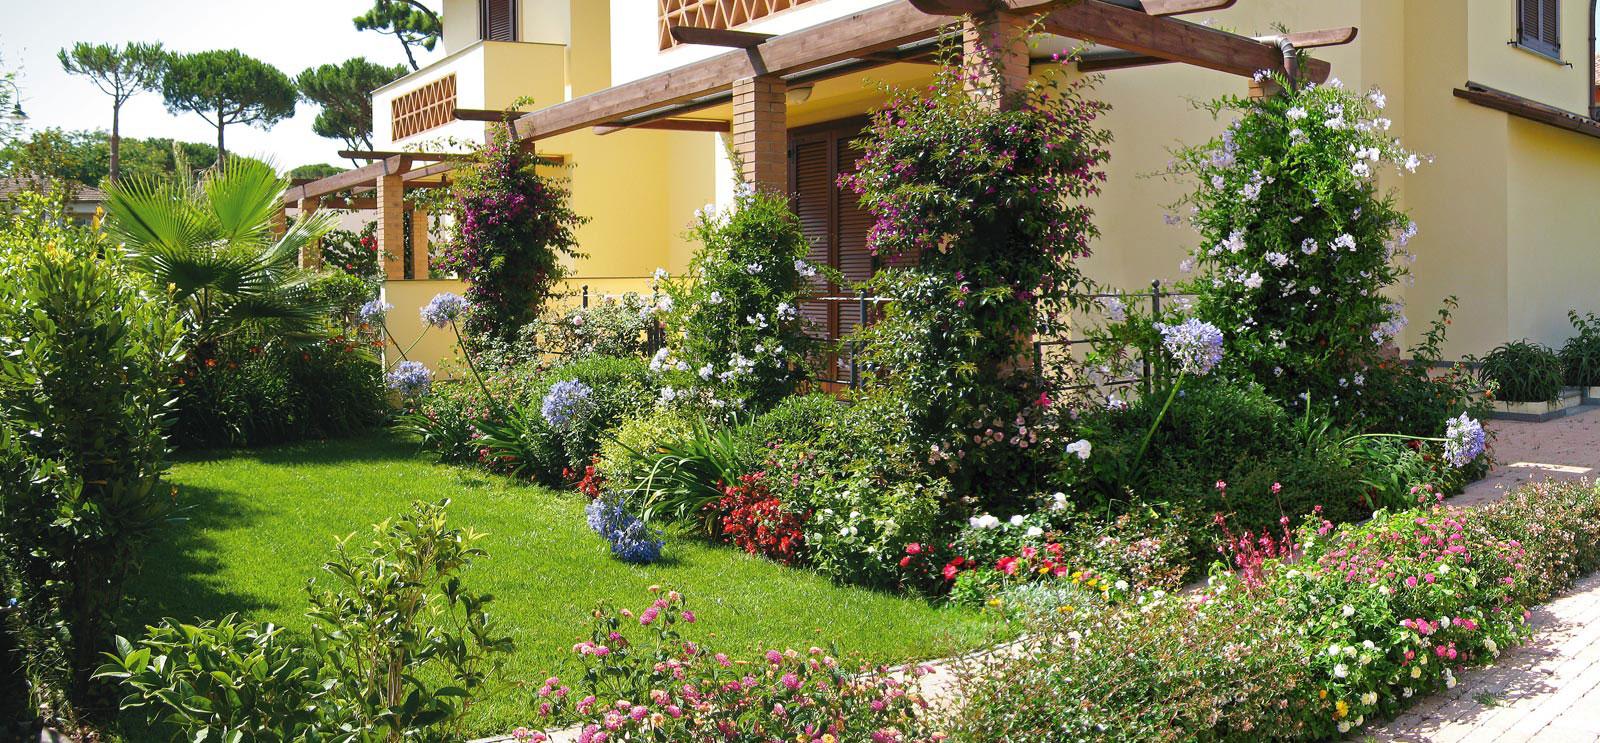 prima-consulenza-gratuita-per-progetti-di-spazi-verdi